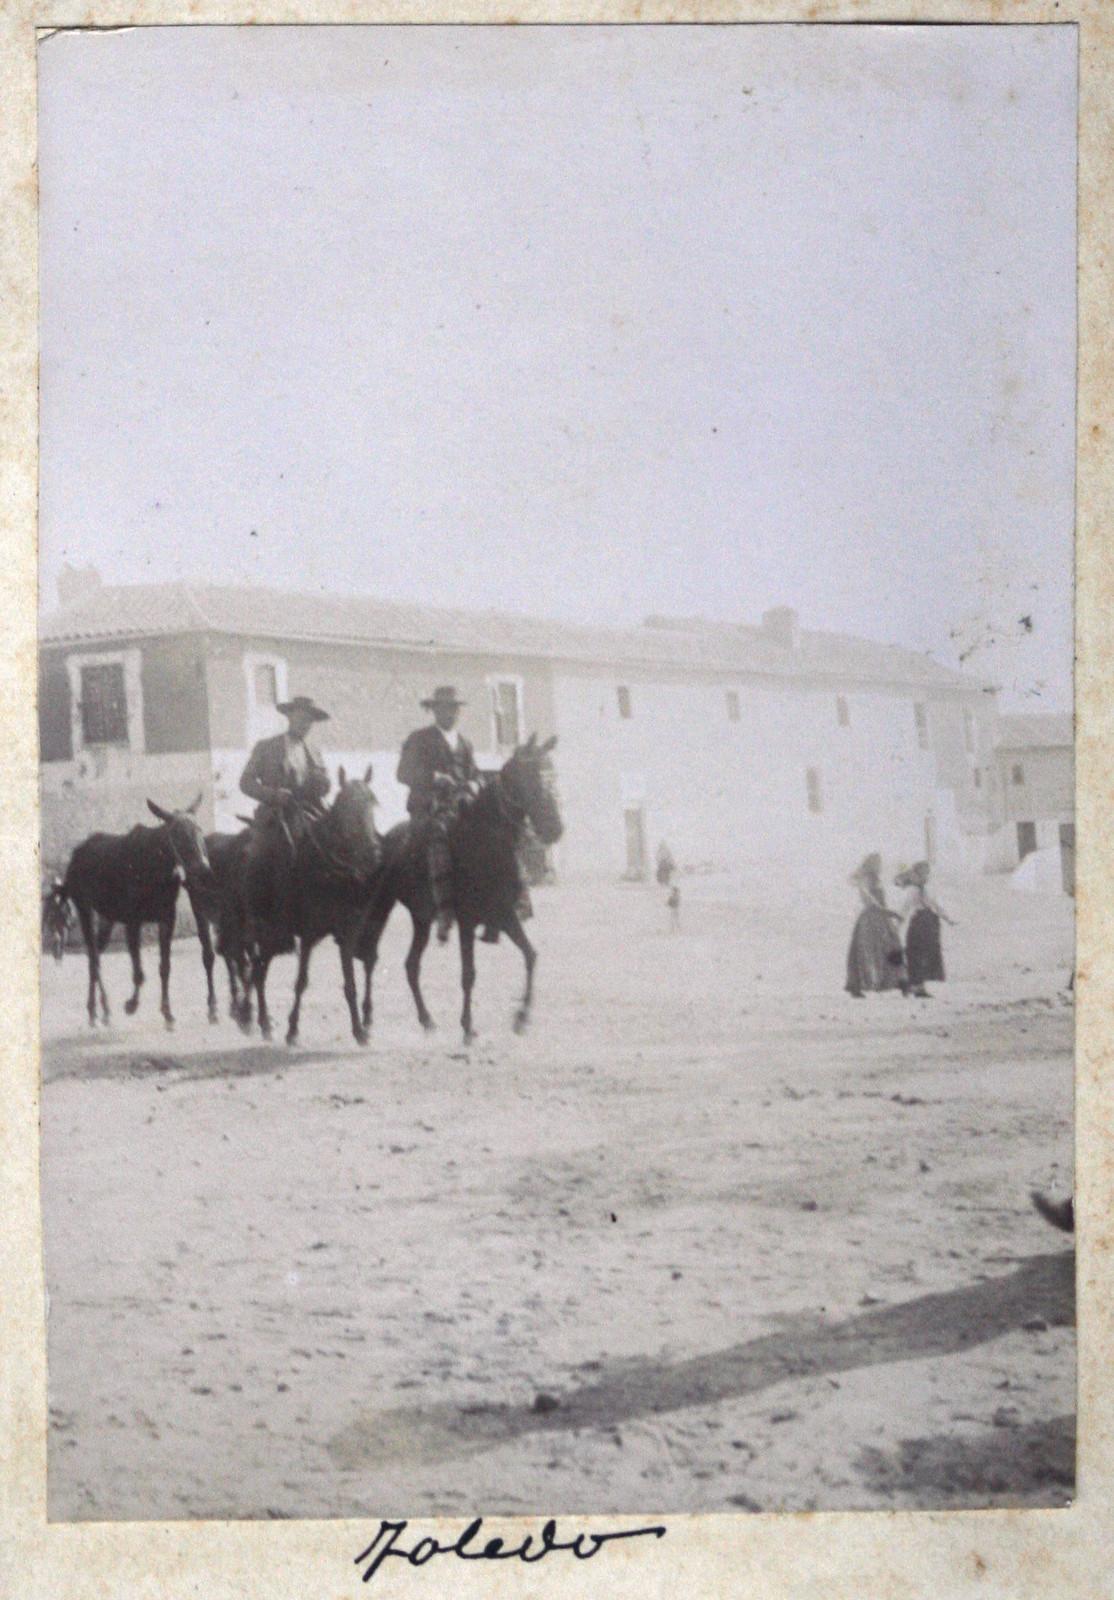 Toledo en 1895. Fotografía de Ulpiano Checa. Coleción personal de Ángel Benito.